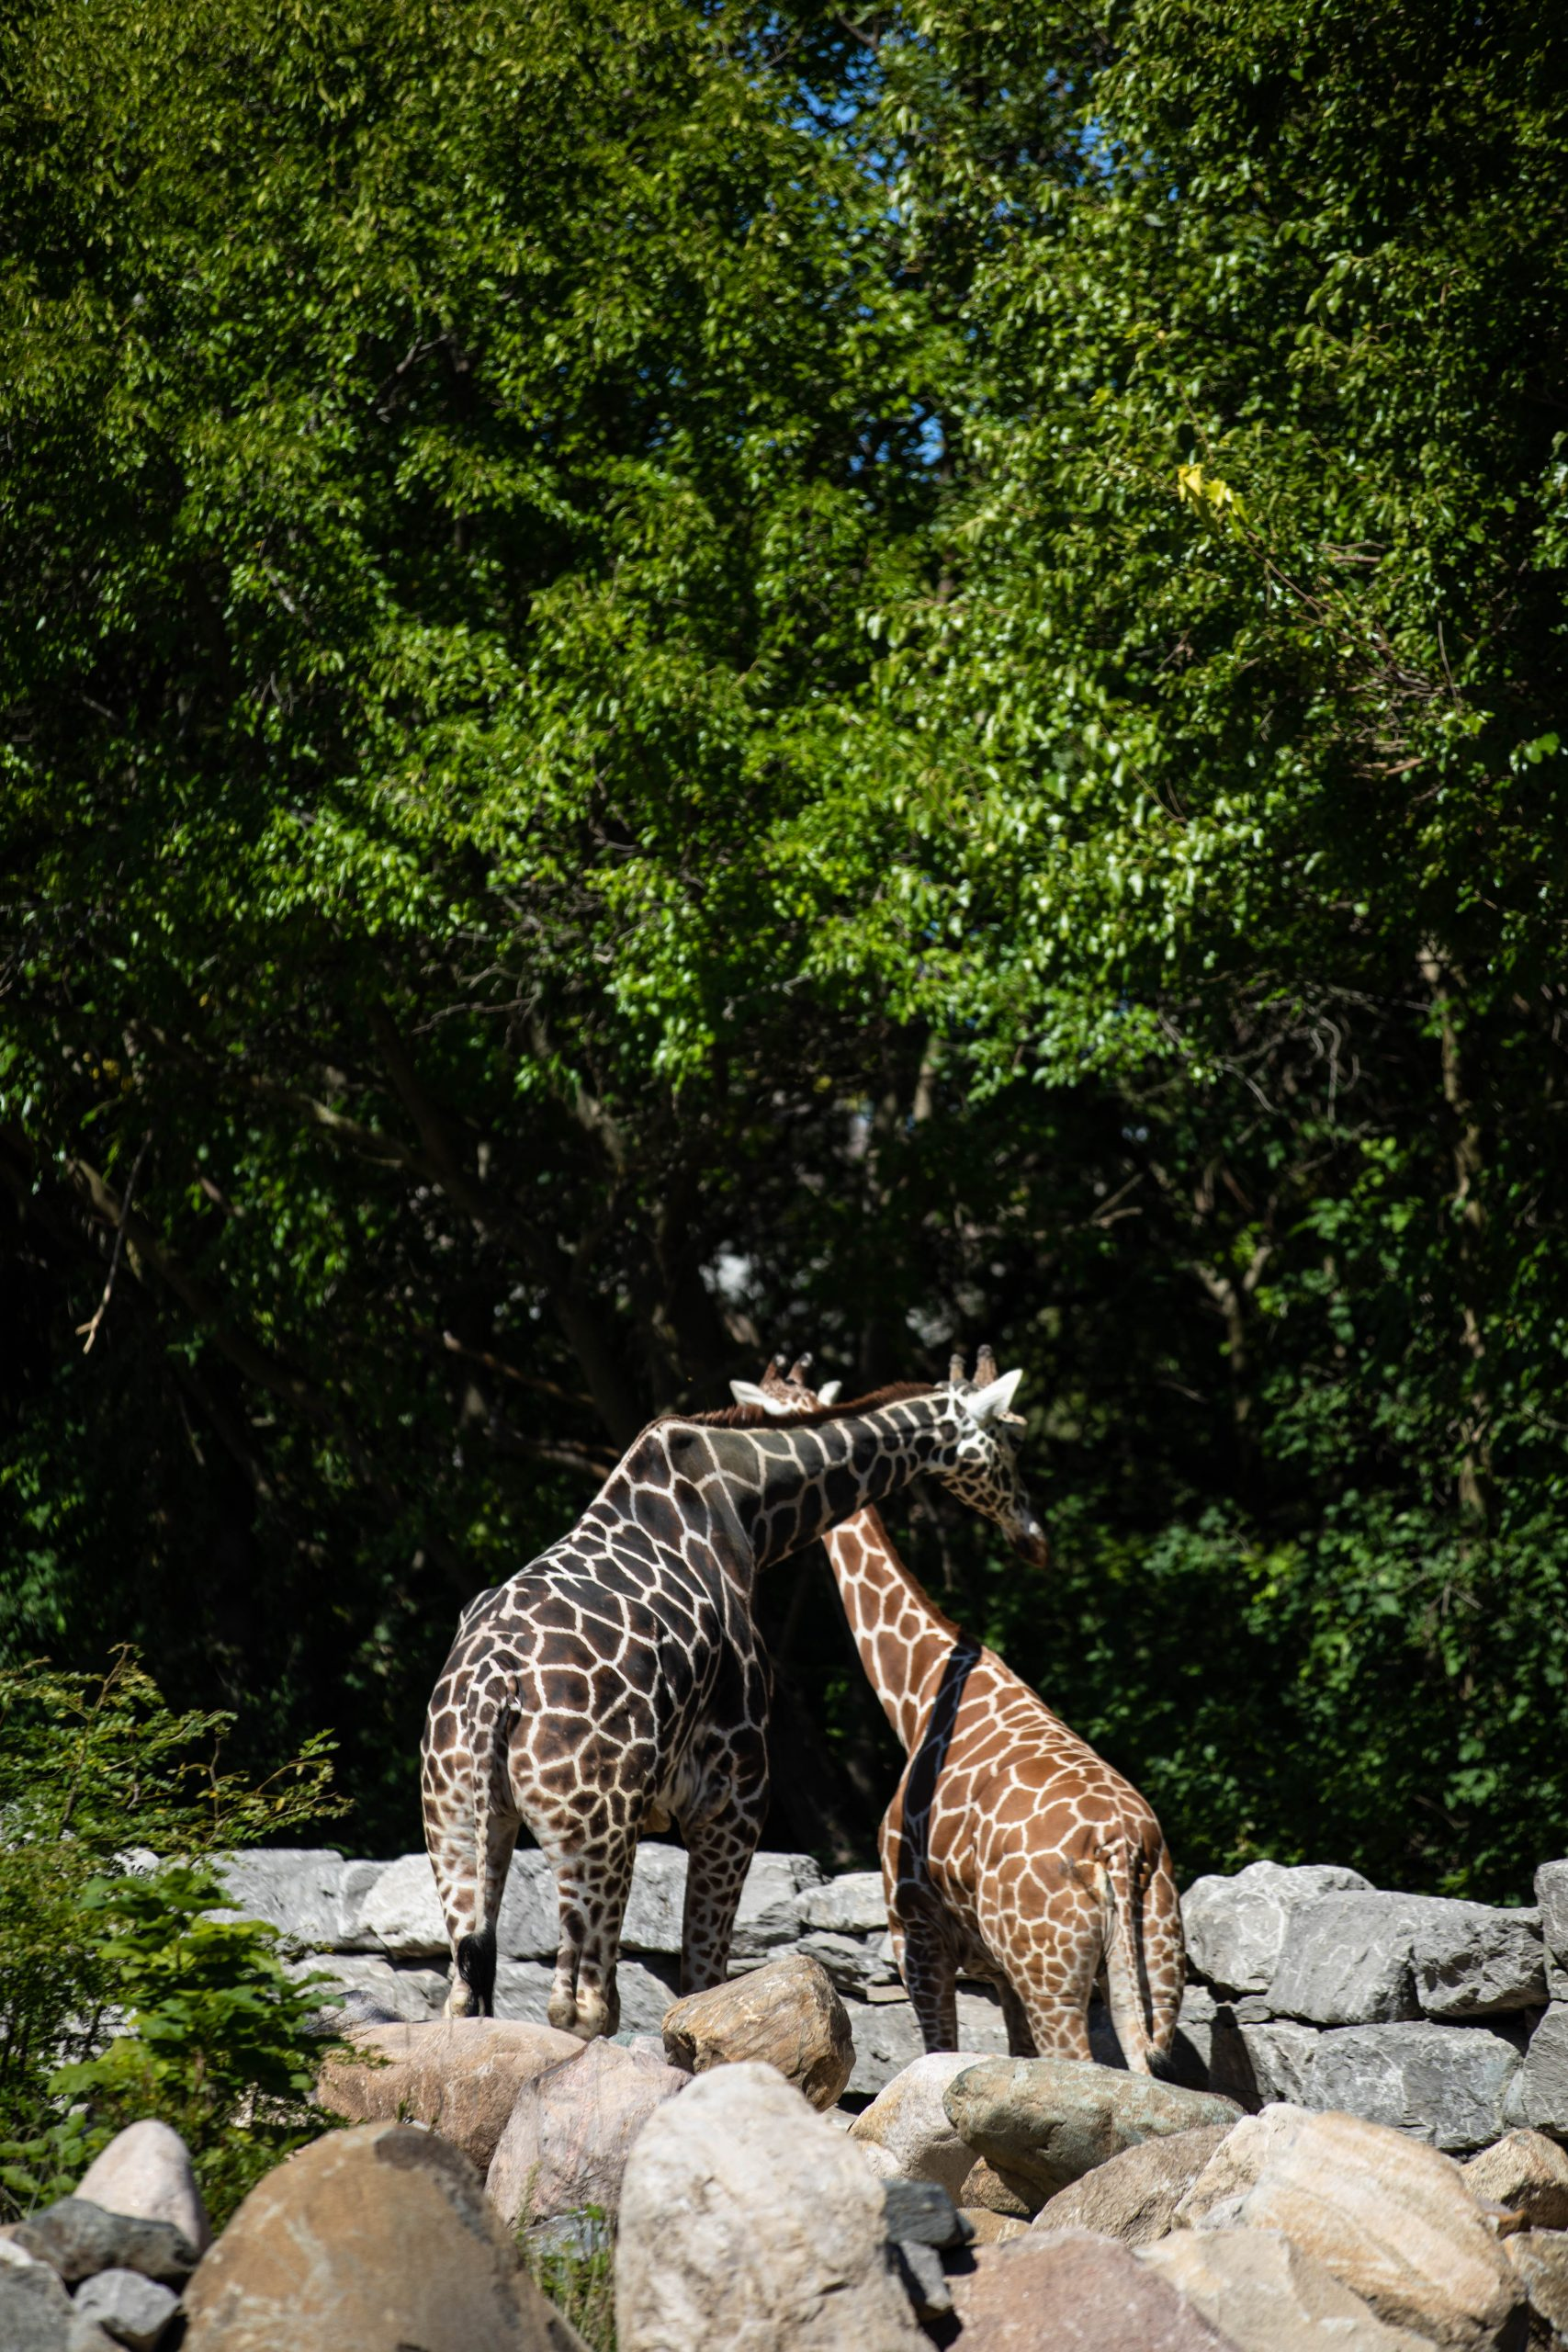 Giraffes at the Detroit Zoo in Royal Oak Michigan by Annie Fairfax